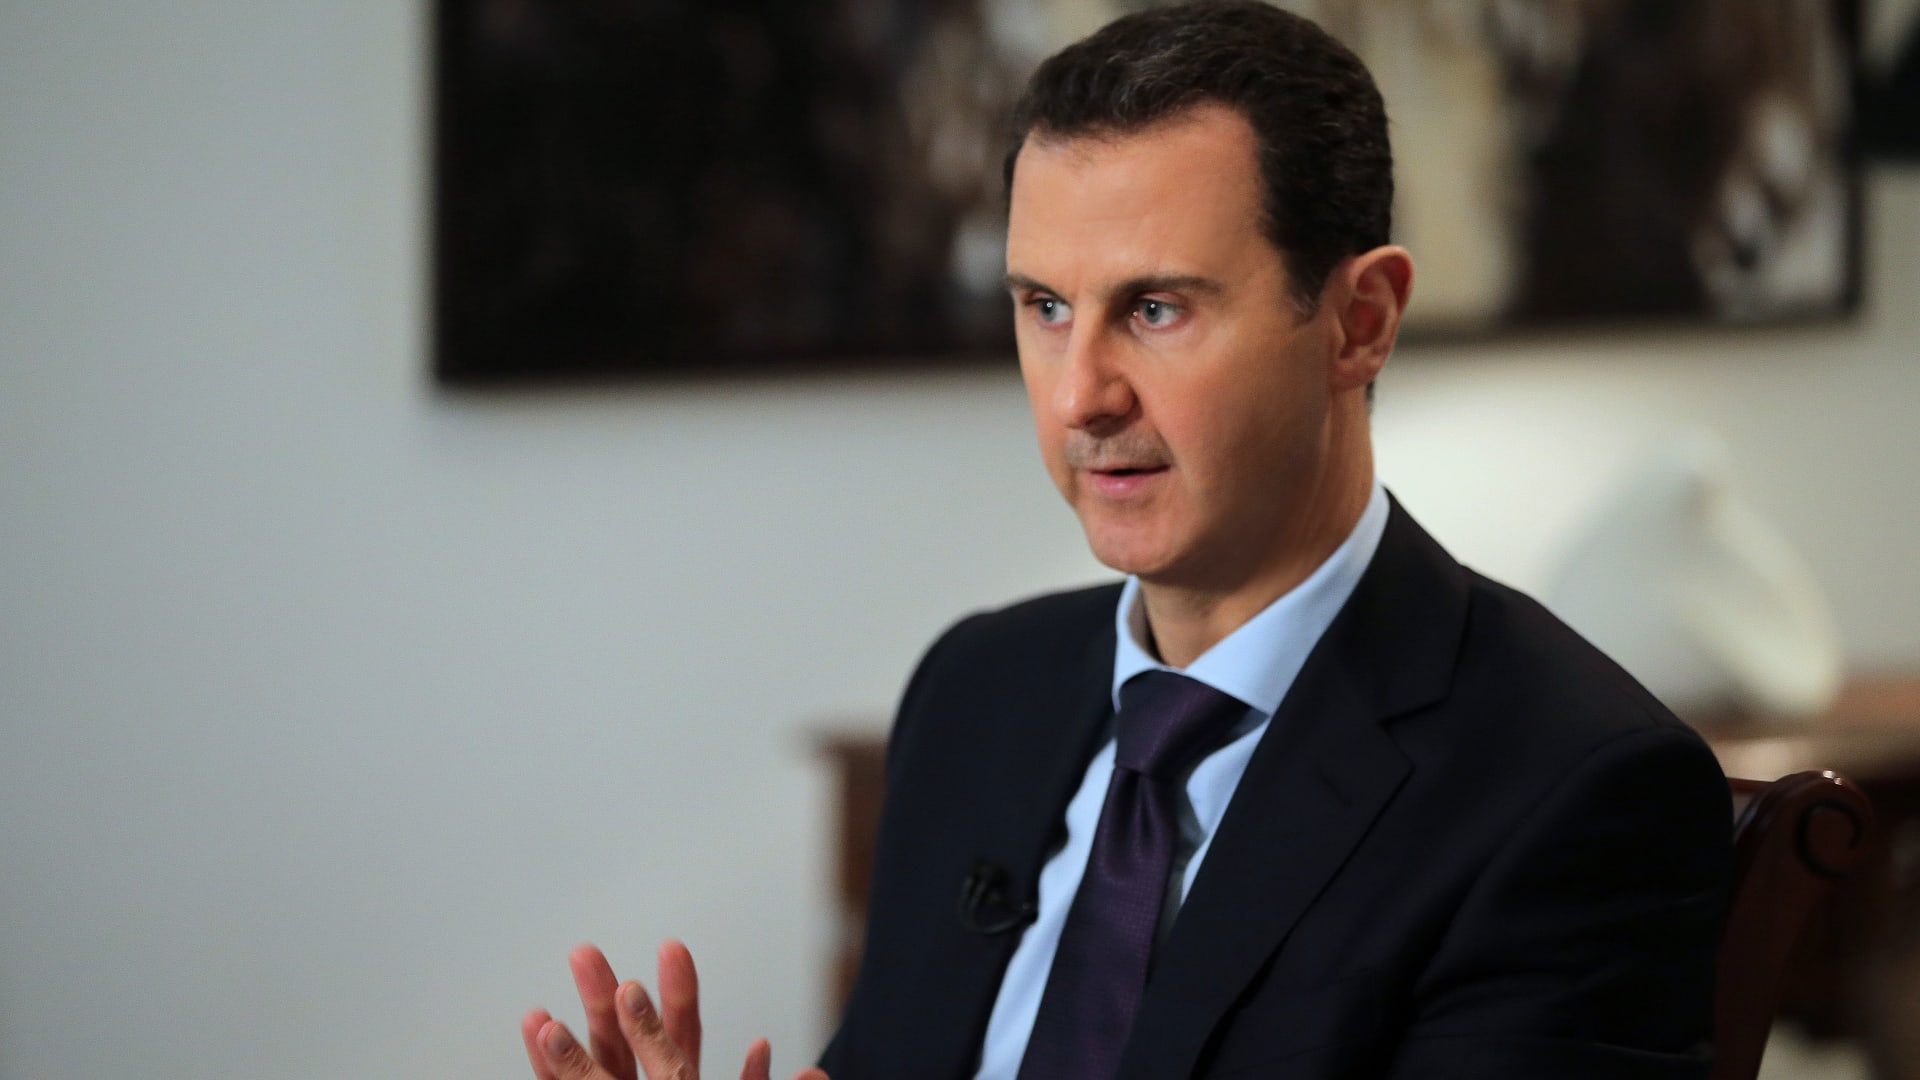 صورة متداولة.. بشار الأسد وعائلته يتناولون الشاورما في دمشق وتباين في ردود الفعل